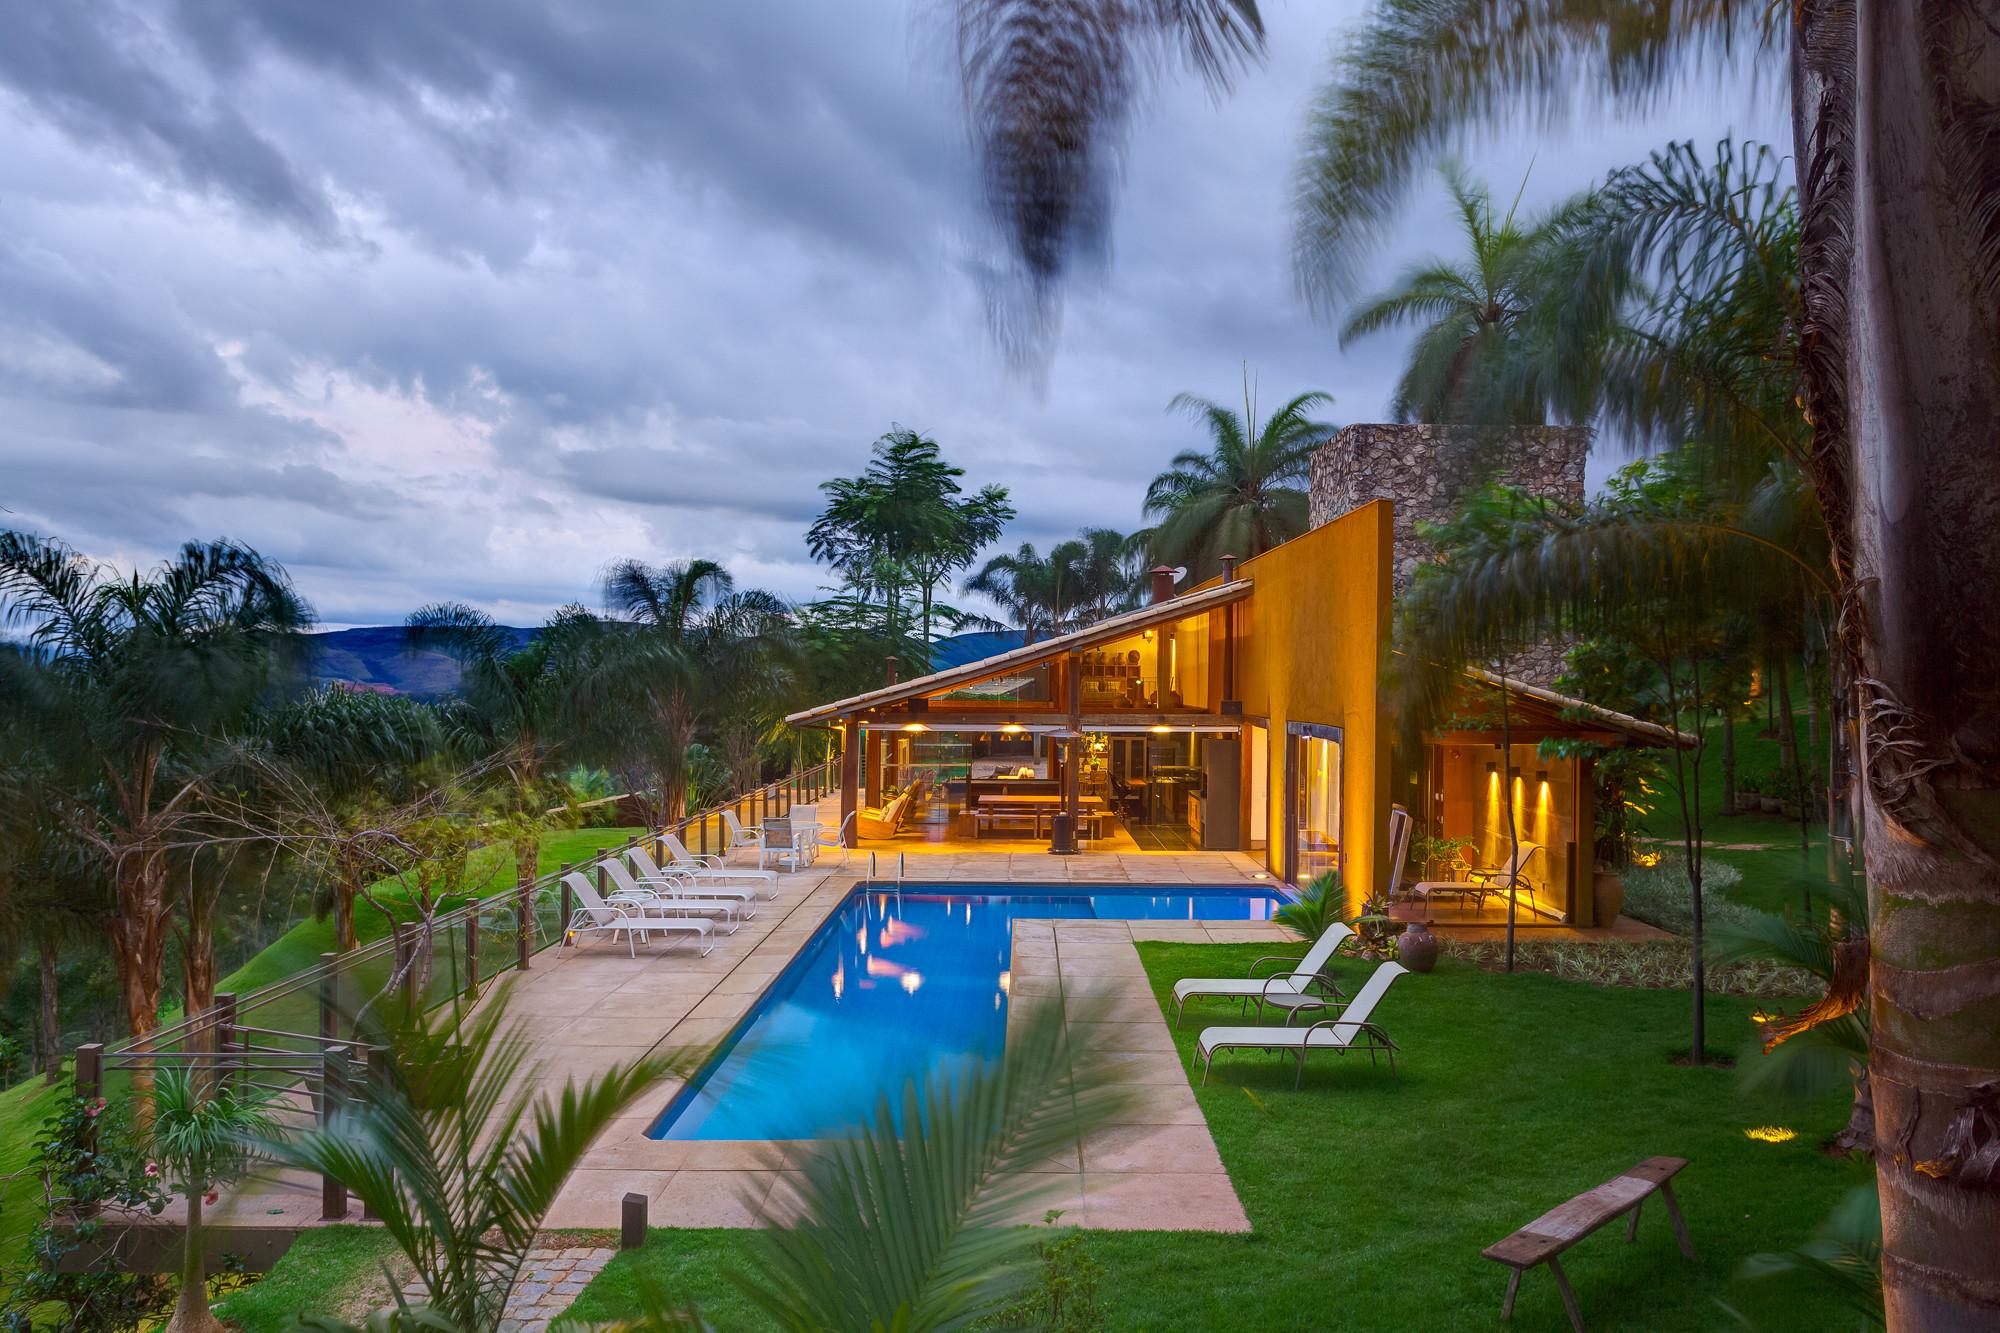 Casa de campo em macacos ana cristina faria maria for Fotos casas de campo con piscina